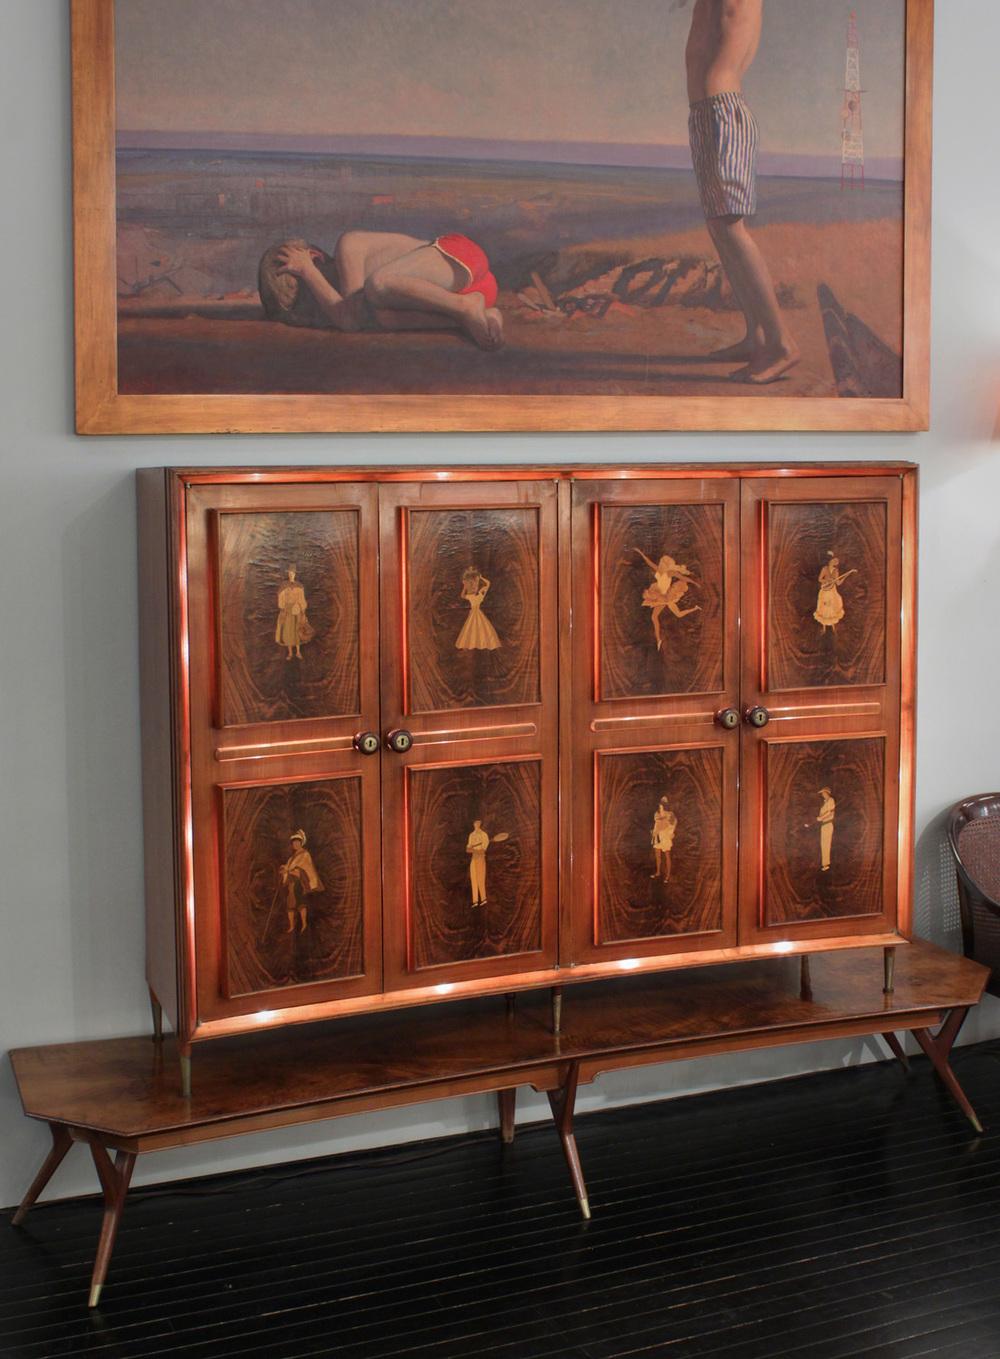 Diez 150 inlay 4 door backlit cabinet3 detail9 hires.jpg